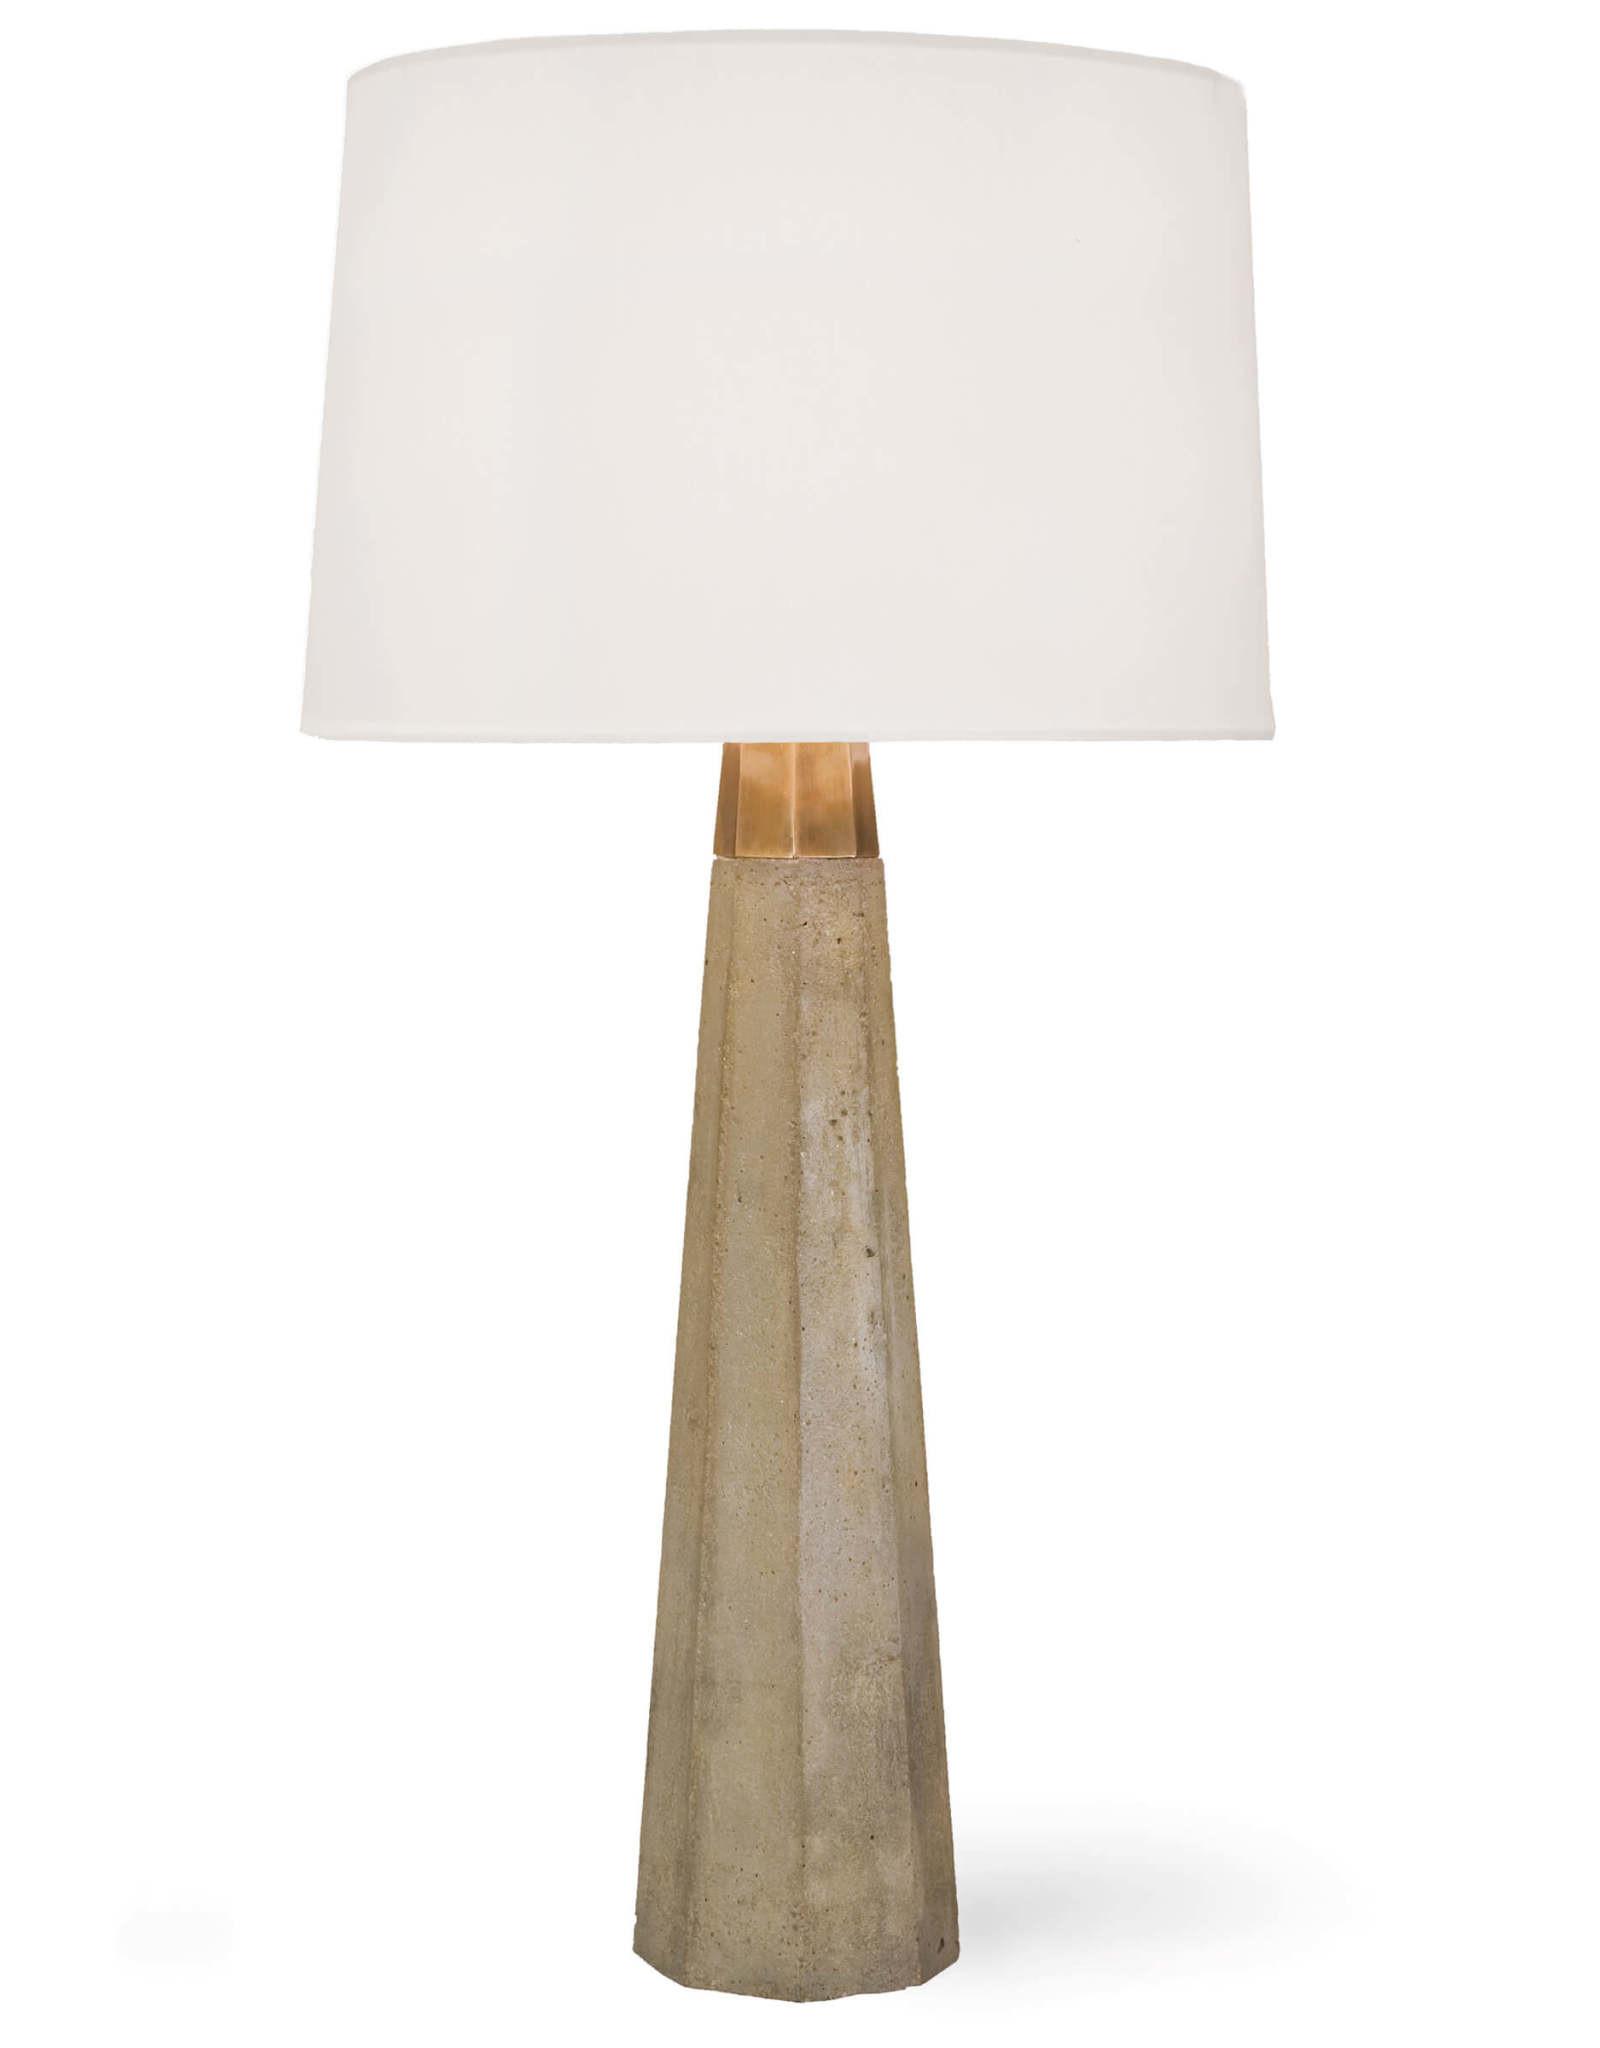 Regina Andrew Design Beretta Concrete Table Lamp